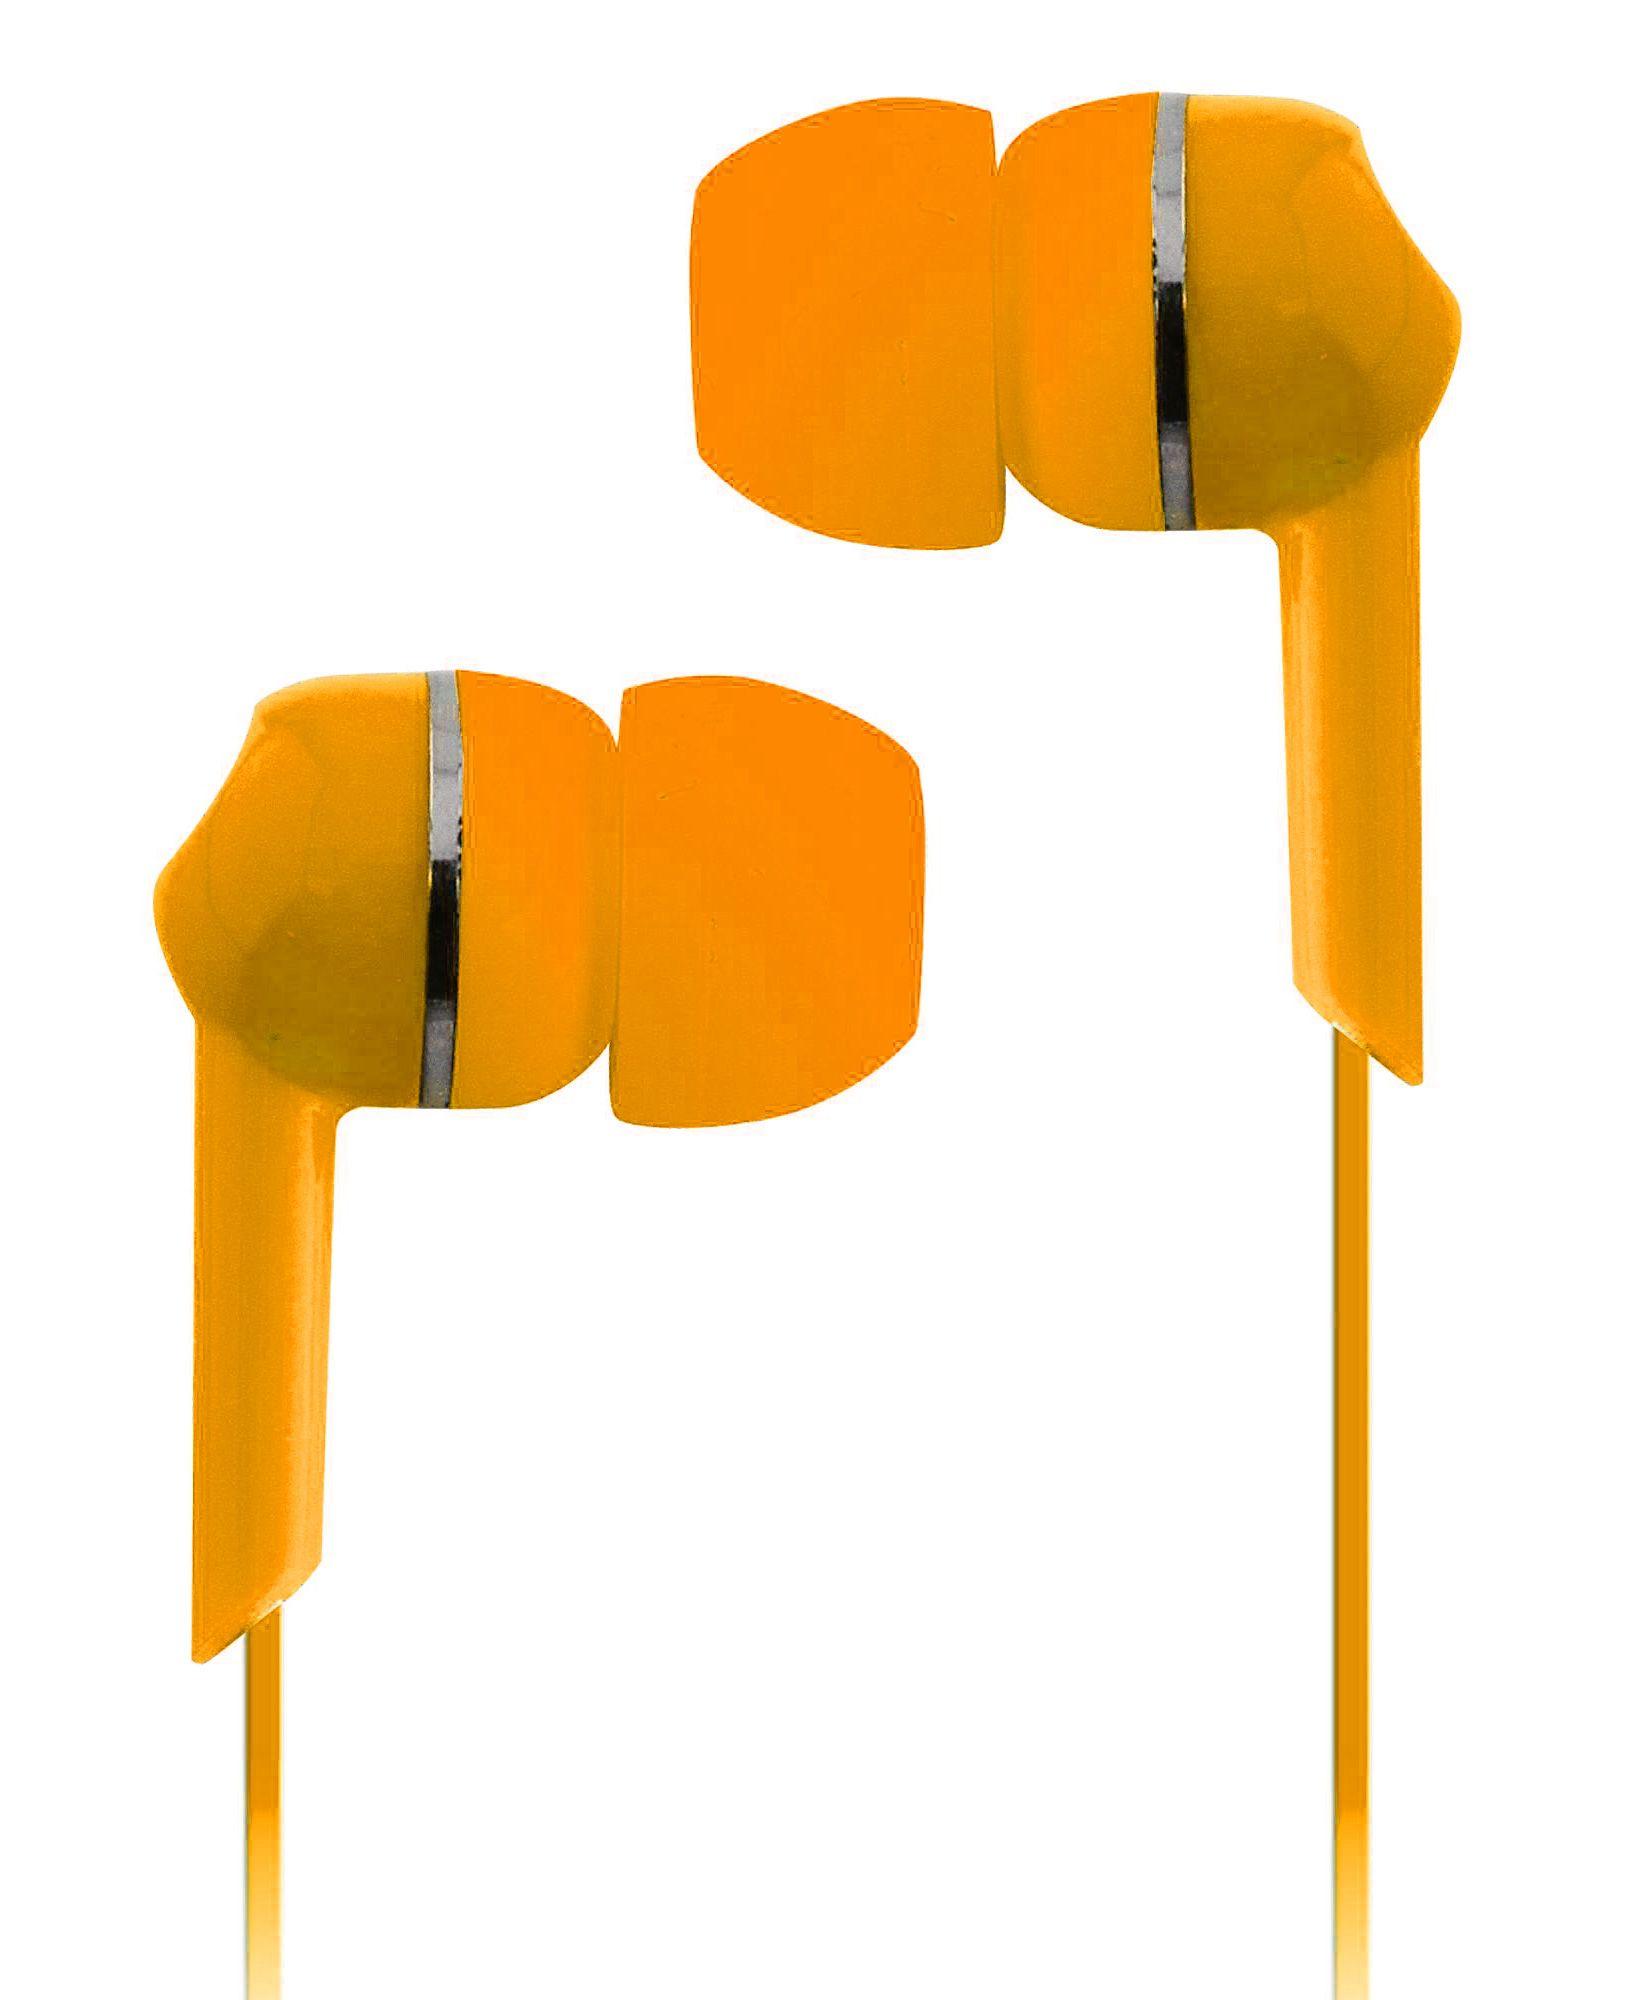 Fone De Ouvido Estéreo Com Fio Marca Coby - CVE56